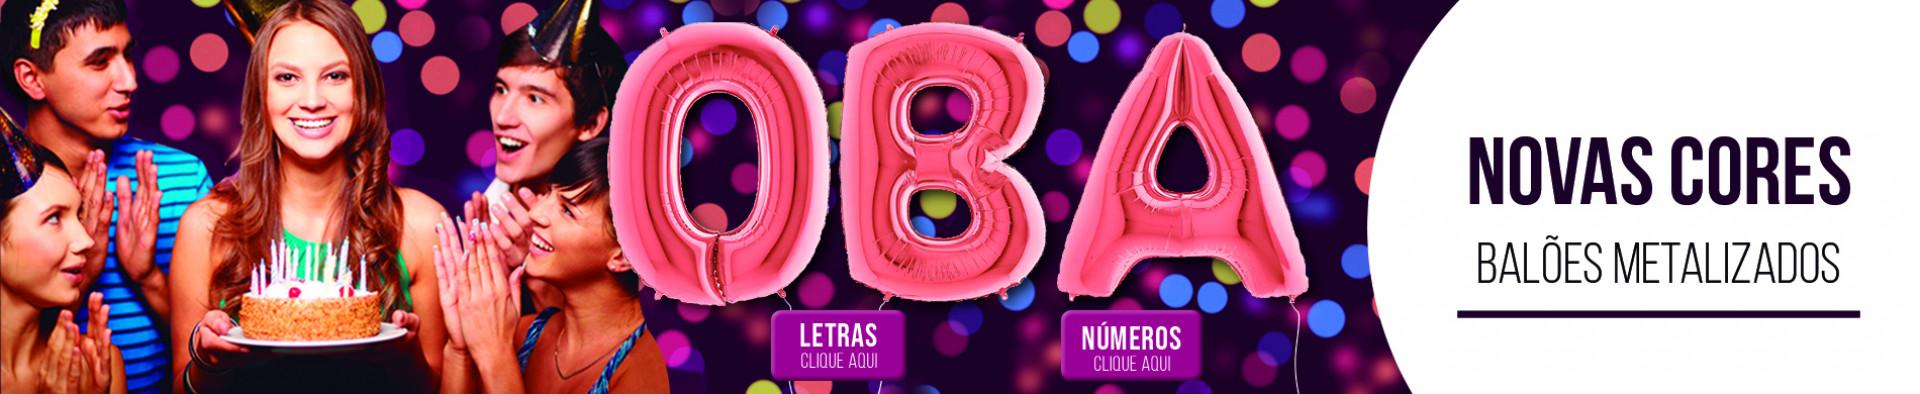 Balões Novos